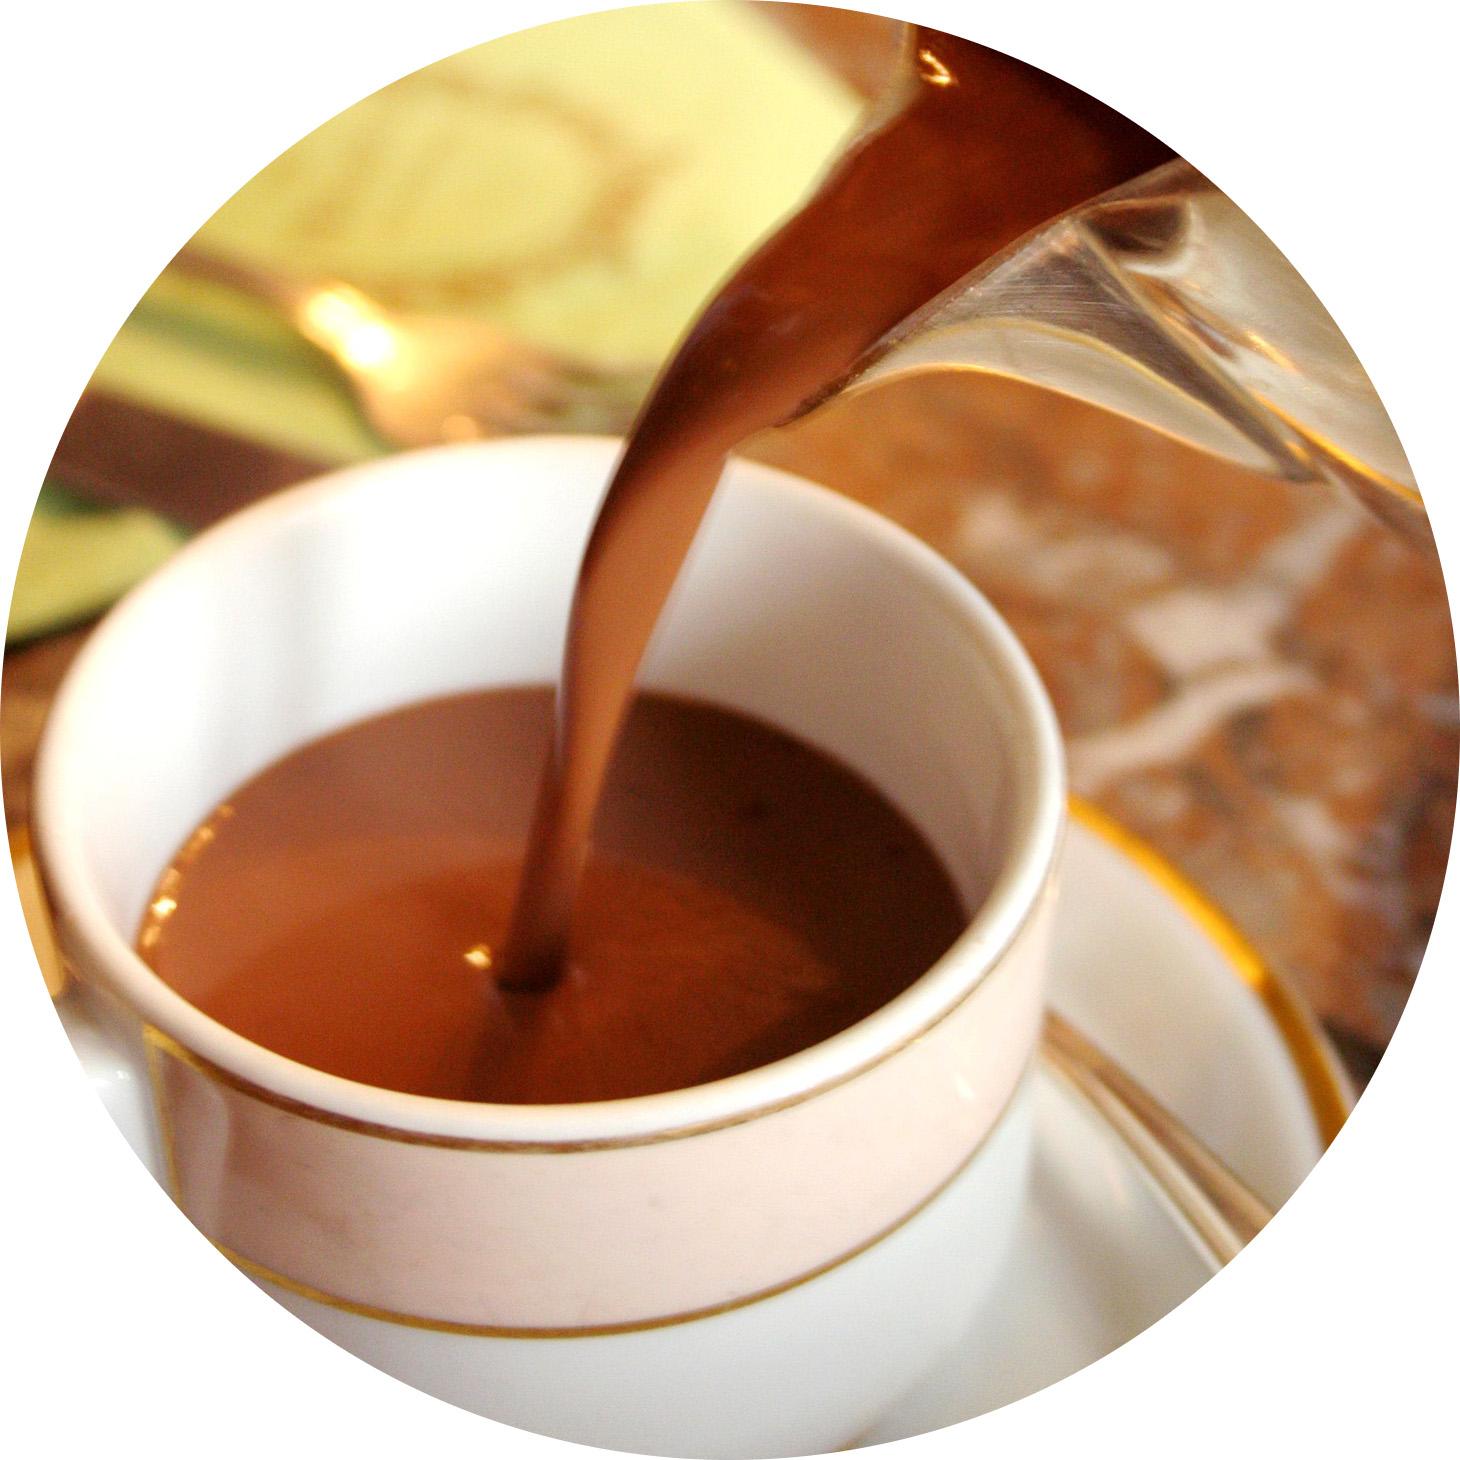 MyFrenchLife™ - Paris hot chocolate - chocolat chaud